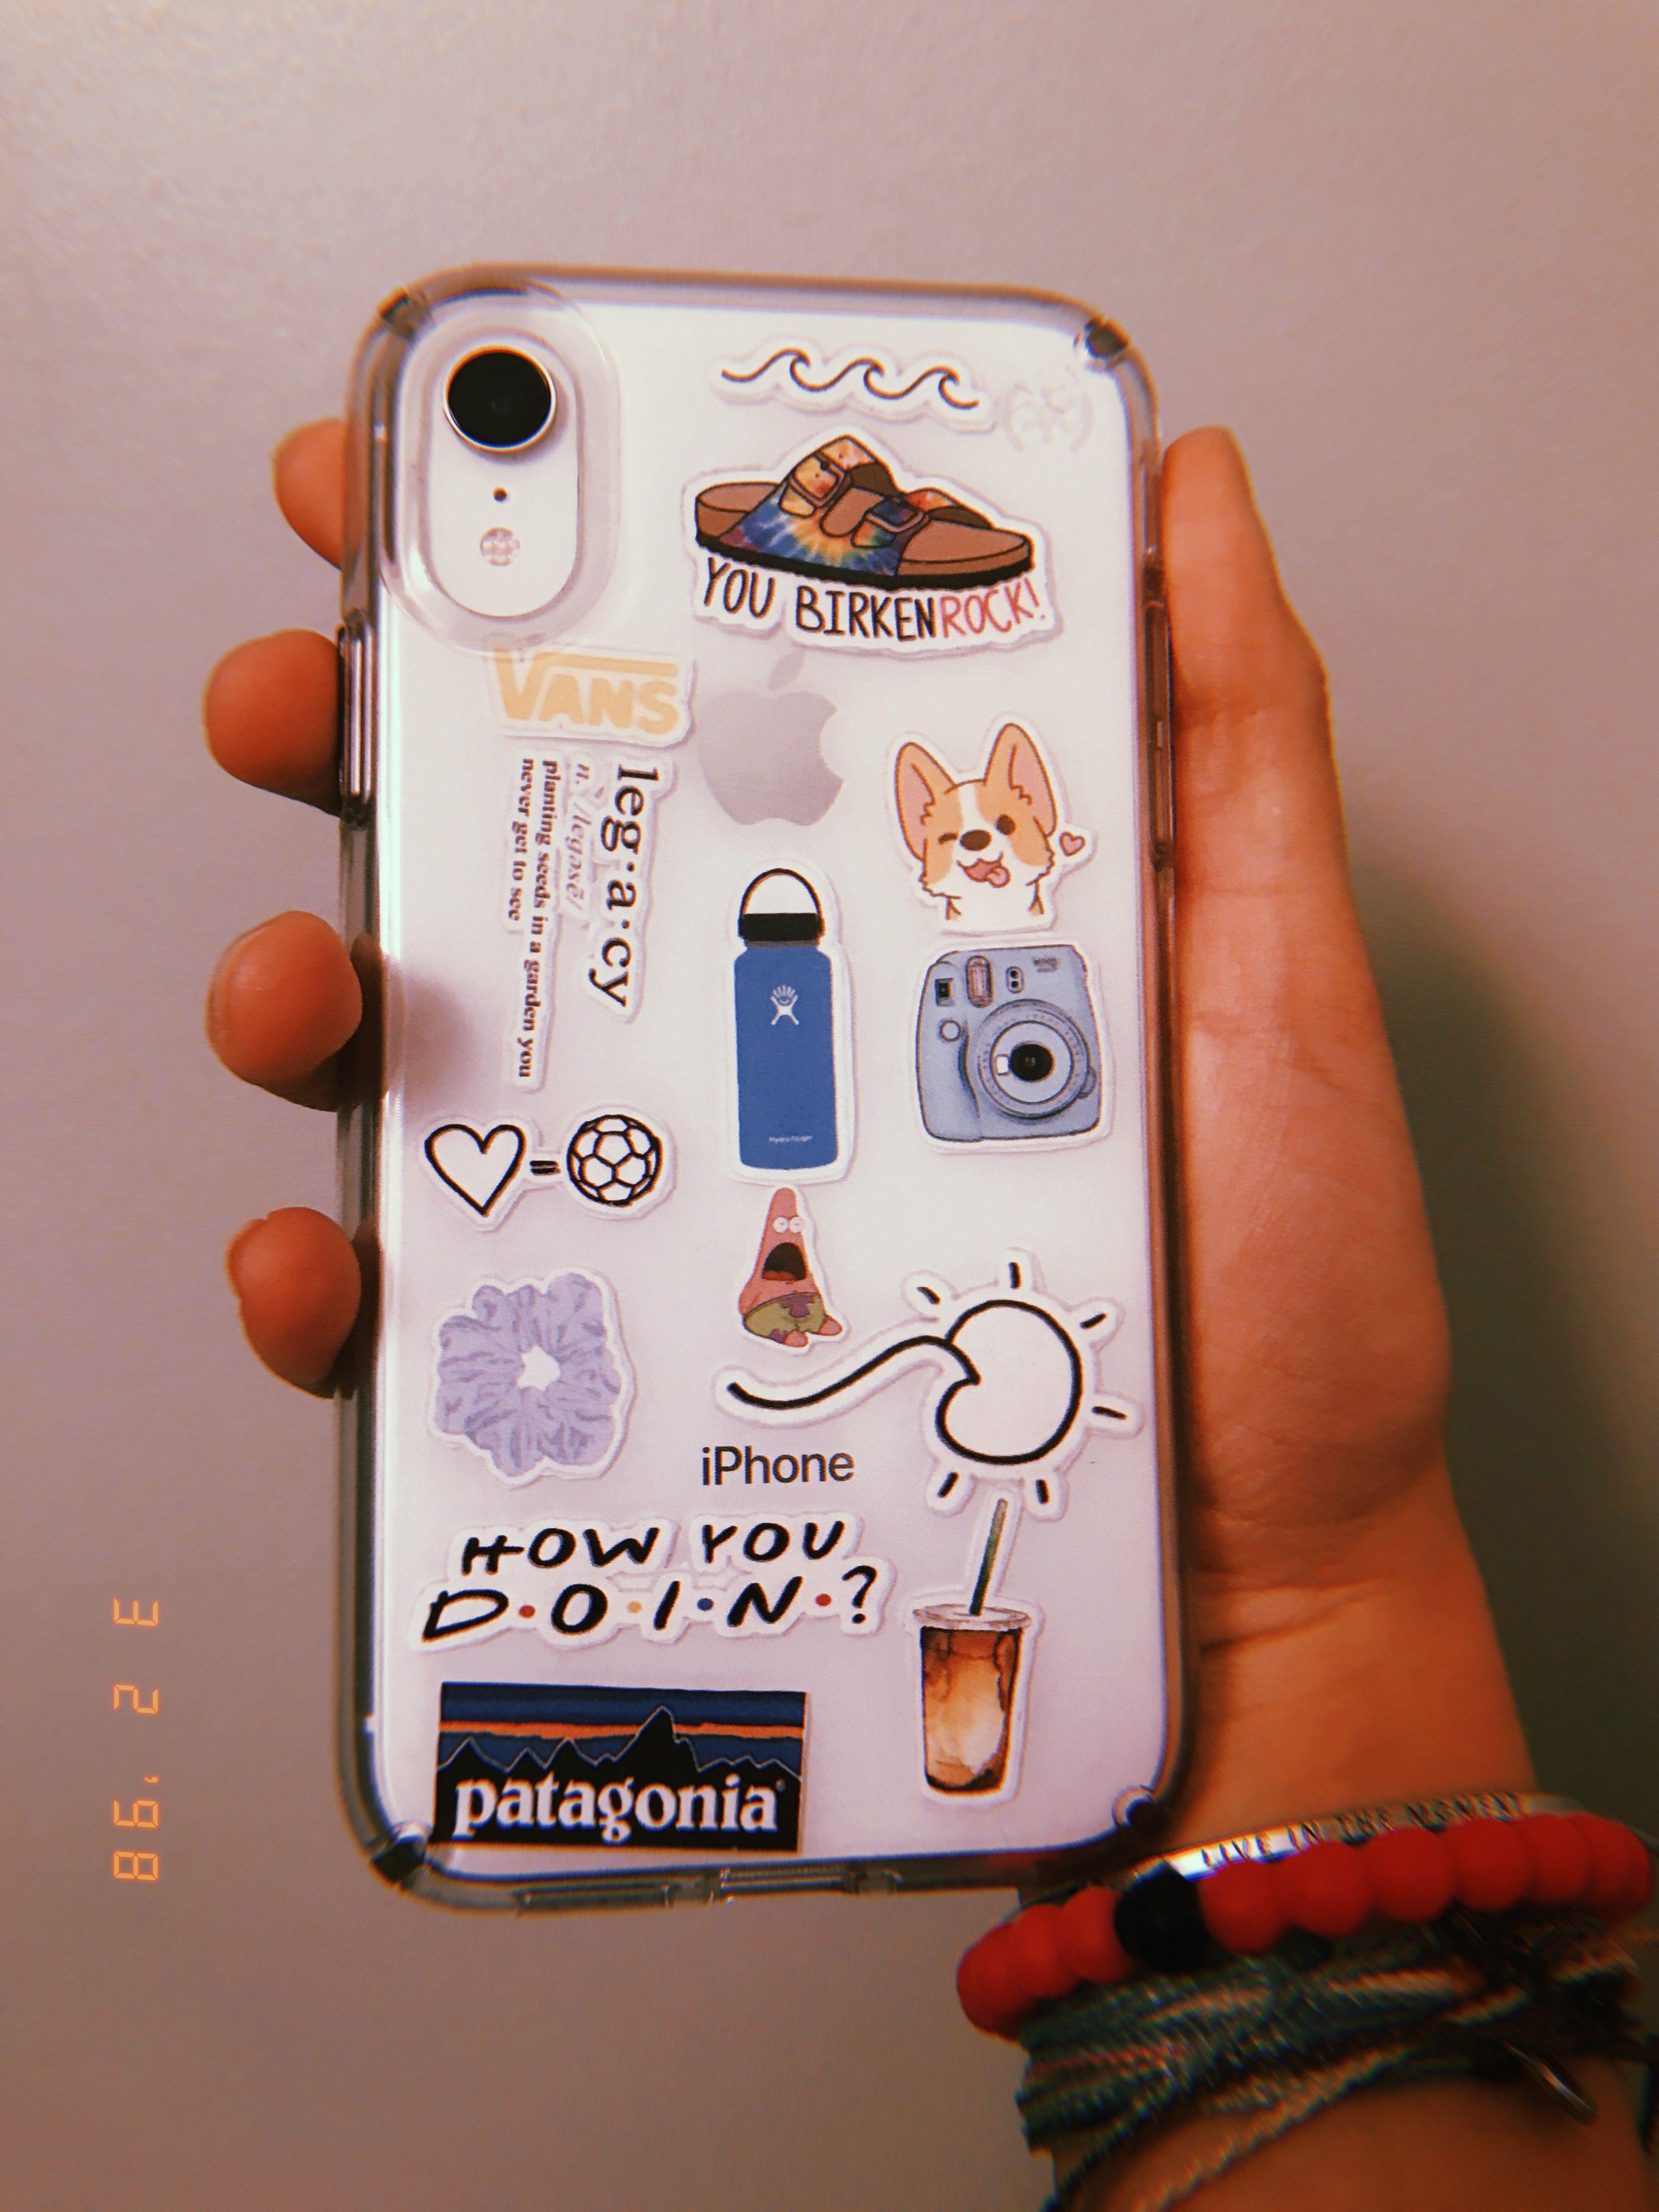 Pin de Camii Paez en fundas | Estuches iphone disney, Fundas para ipod,  Iphone estuche